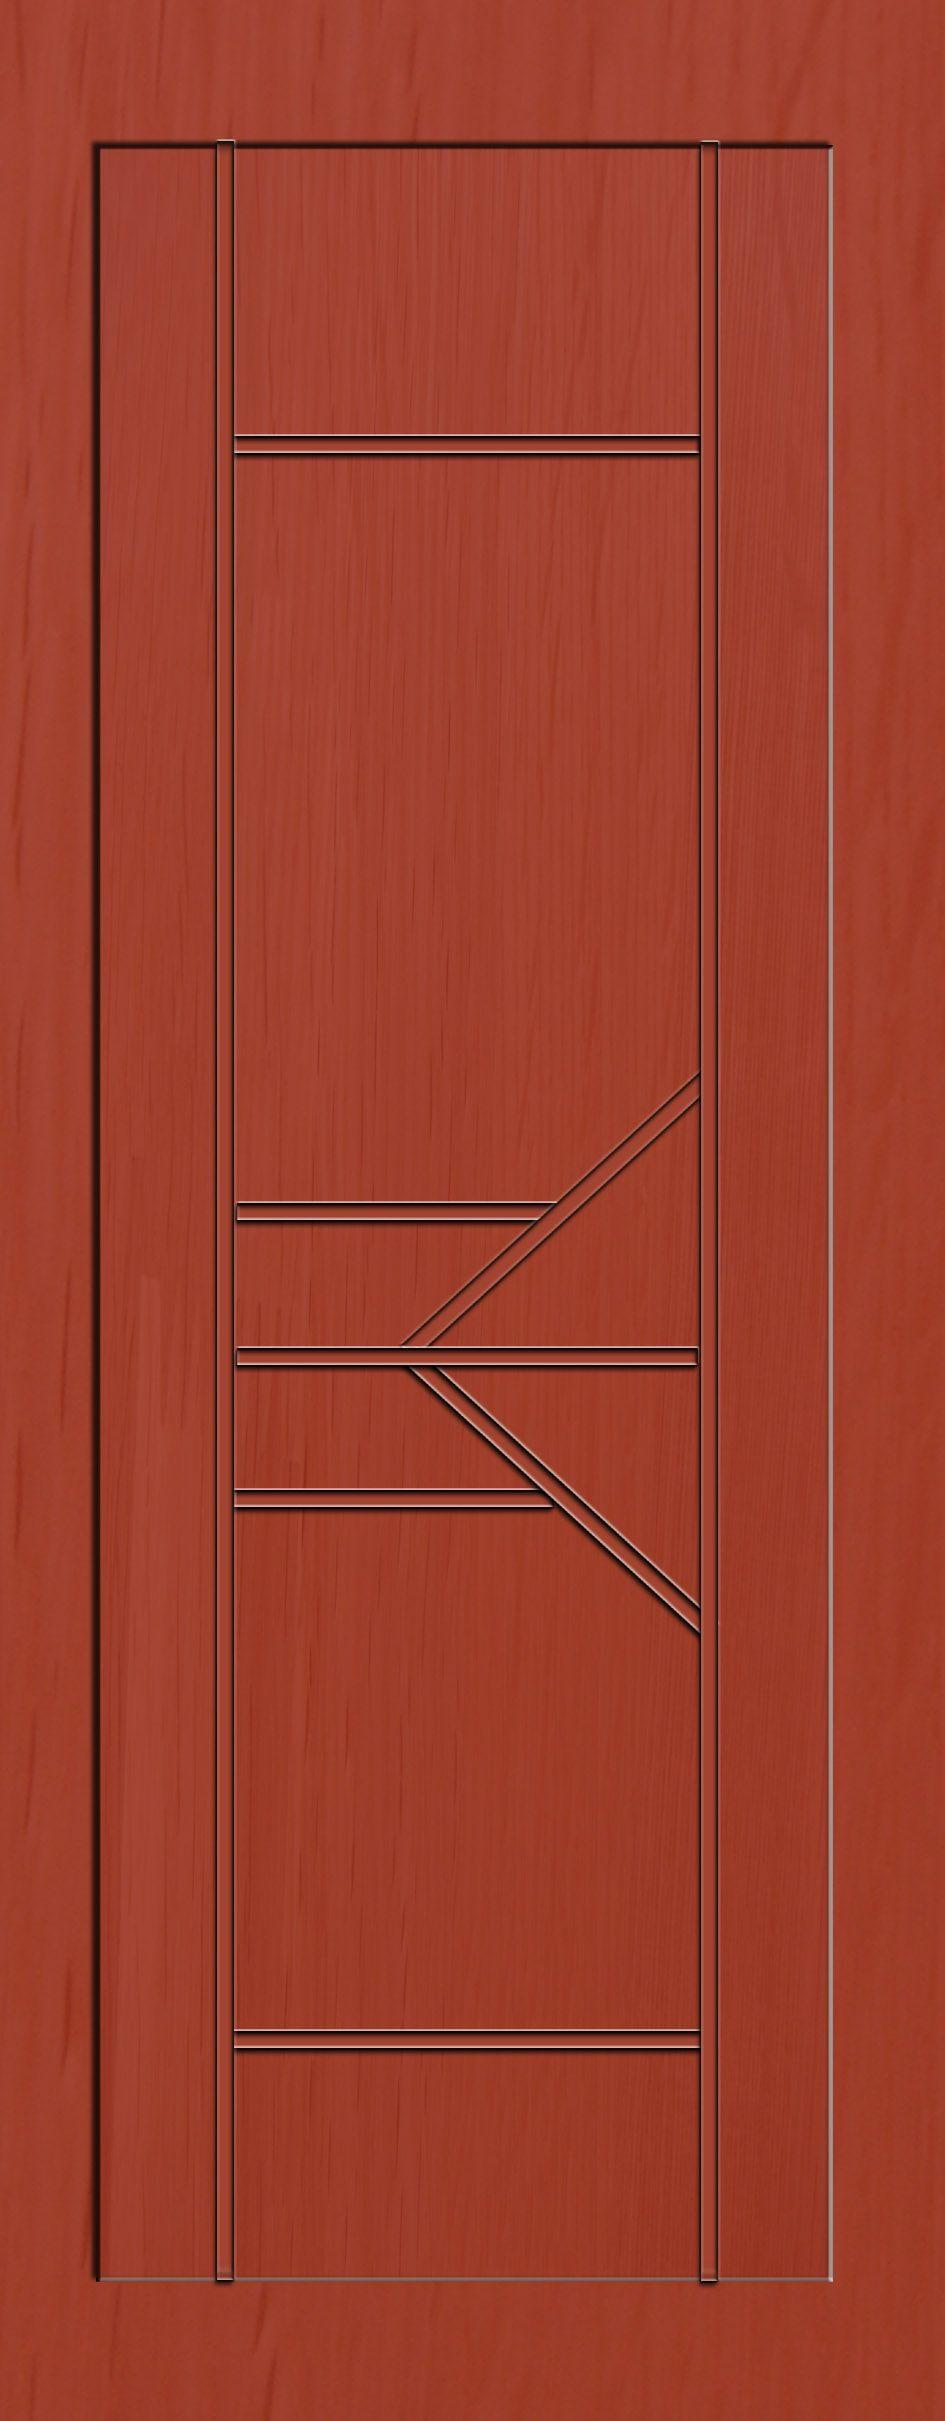 木门定做实木平板门凹式系列